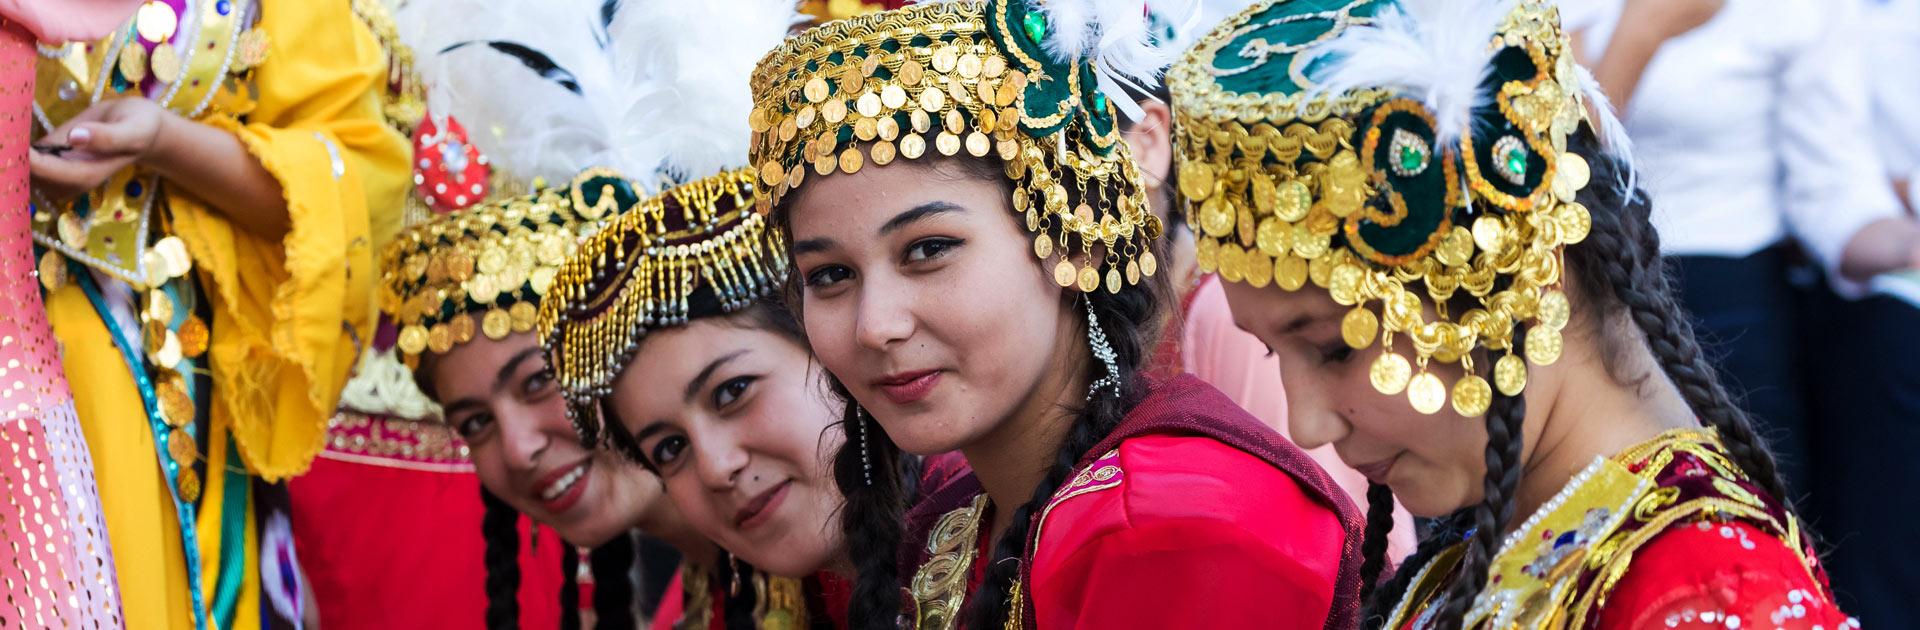 UZ Gran Tour de Uzbekistán 16 días 1